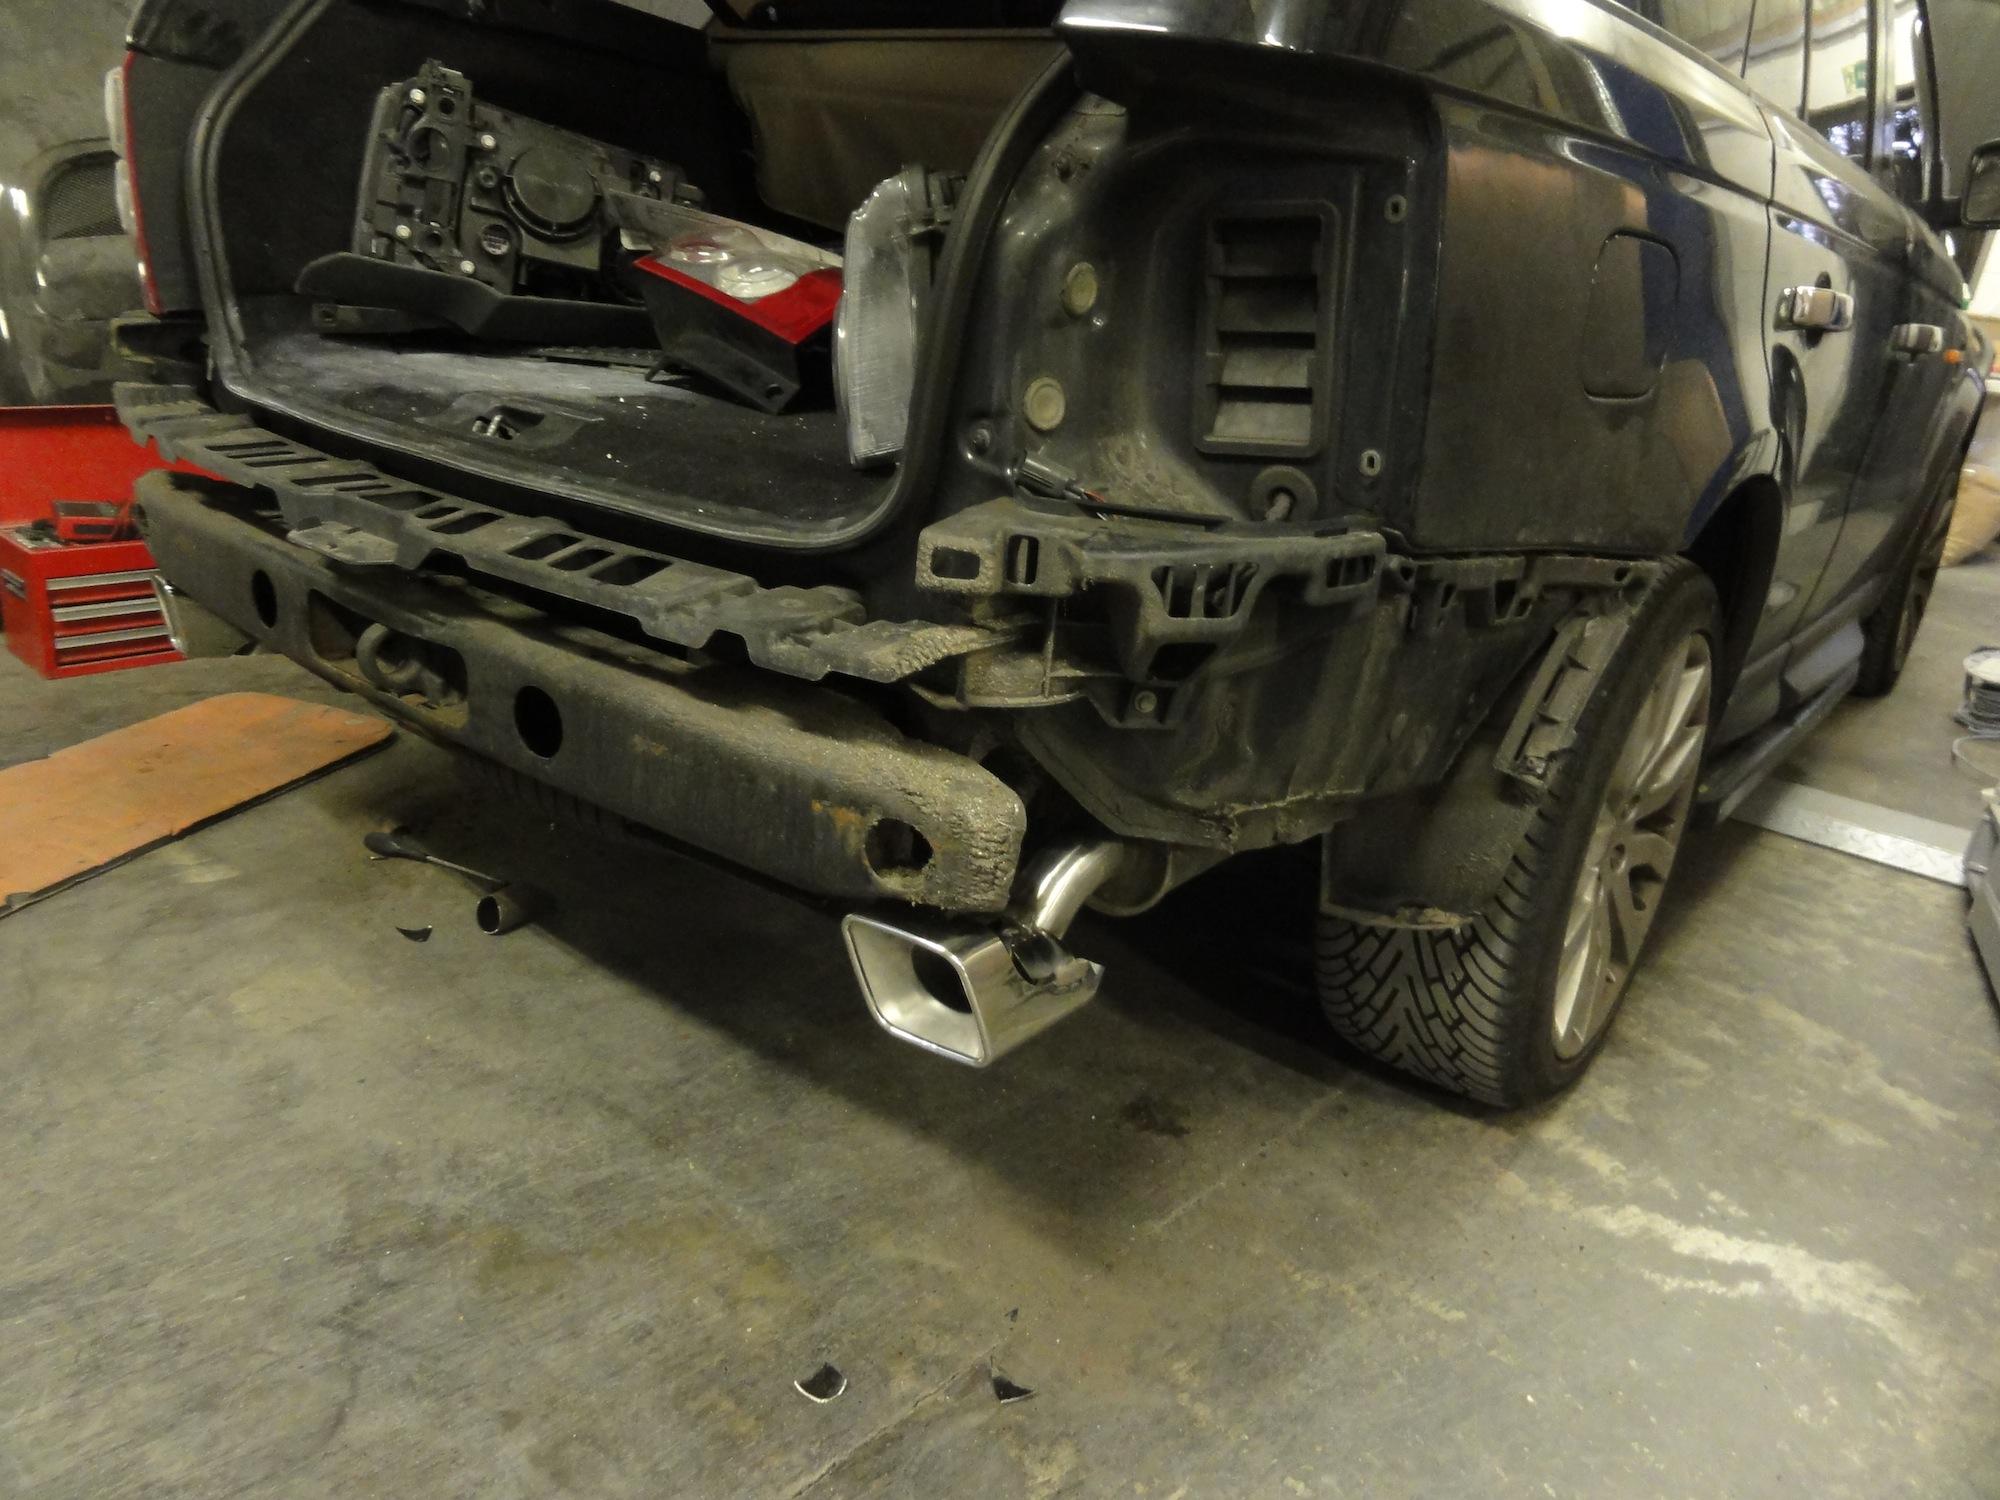 Range-Rover-Kit-Install-8